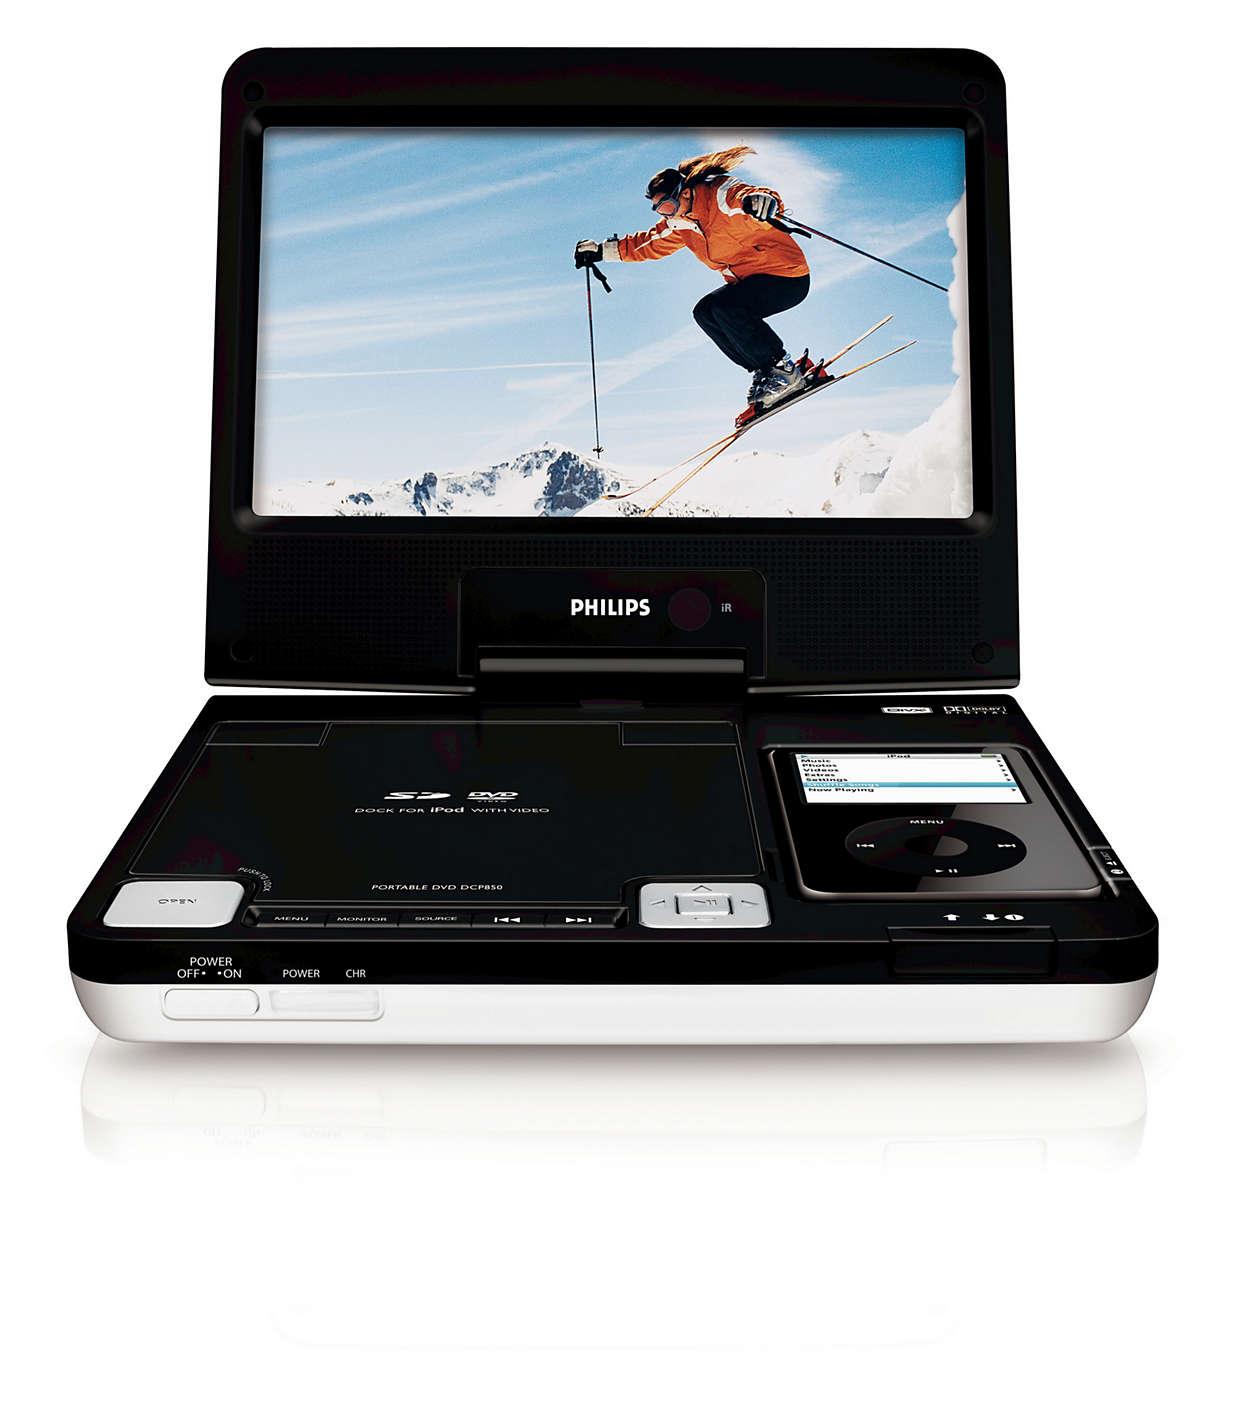 Se på video från iPod, DVD och SD-kort